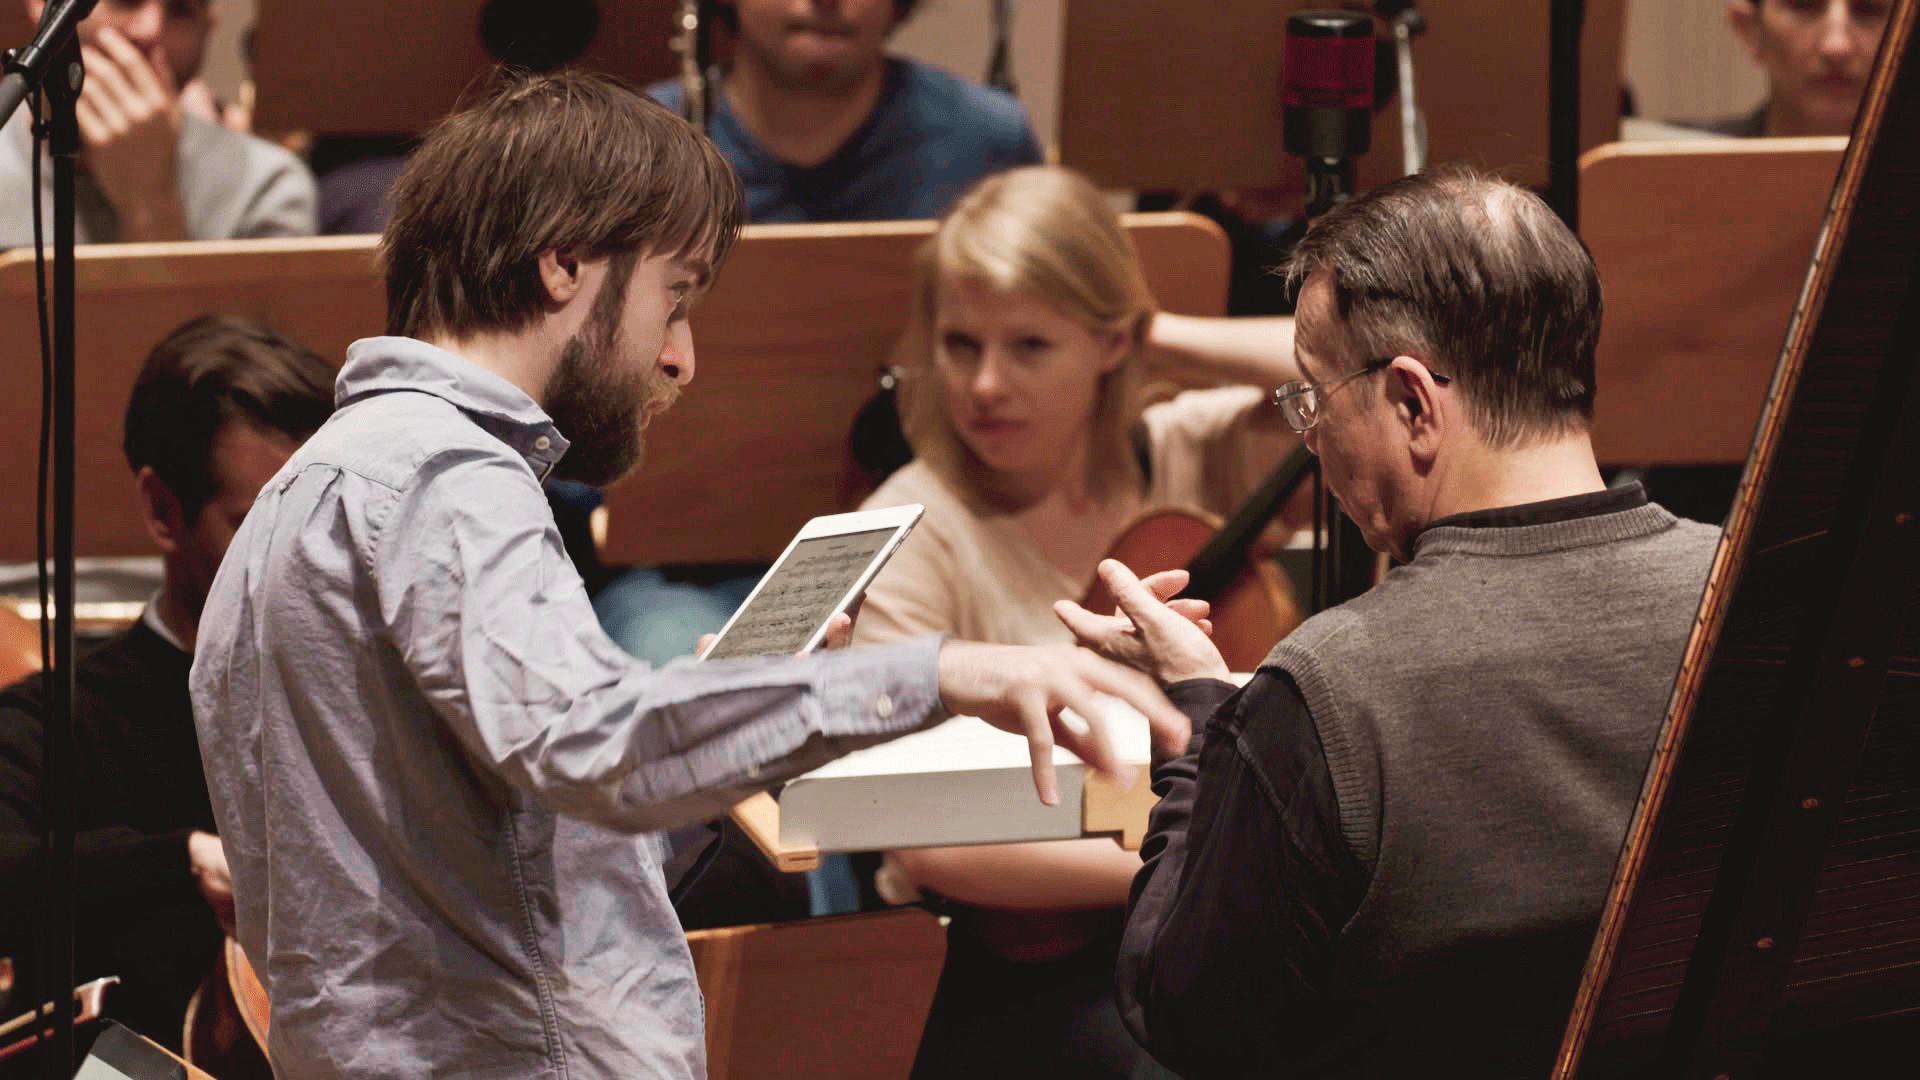 A New Chopin, Daniil Trifonov and Mikhail Pletnev